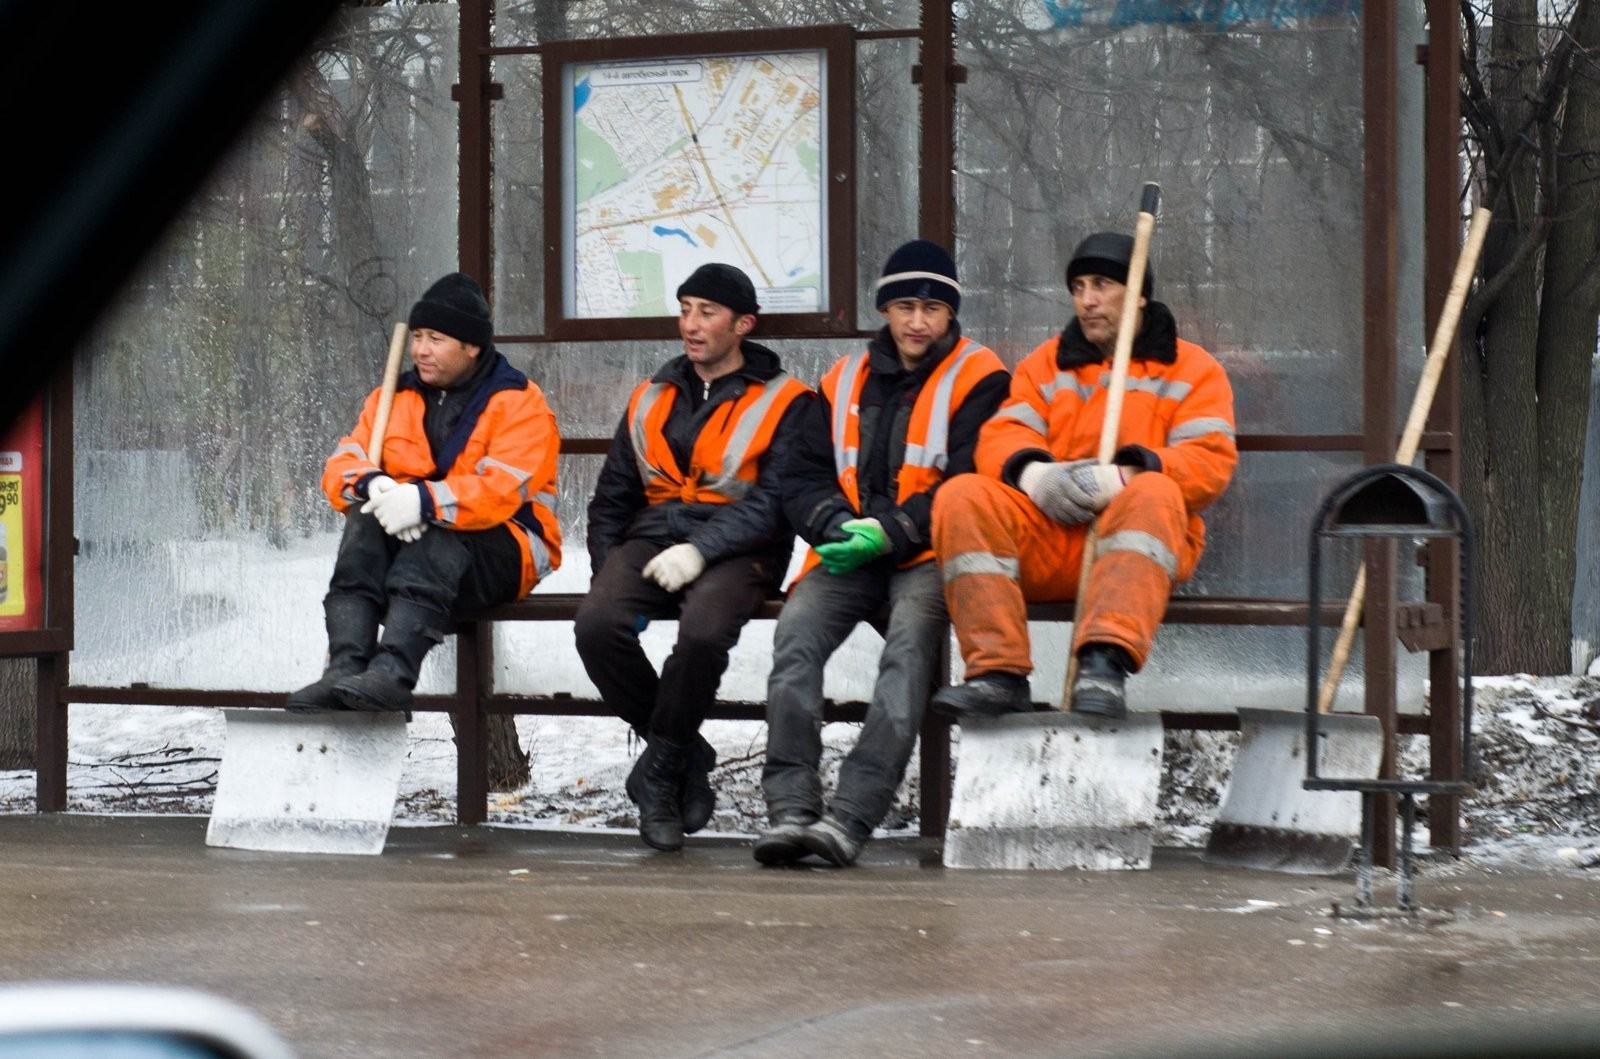 Иван Ургант готовит пародию наклип «Между нами тает лед» группы «Грибы»